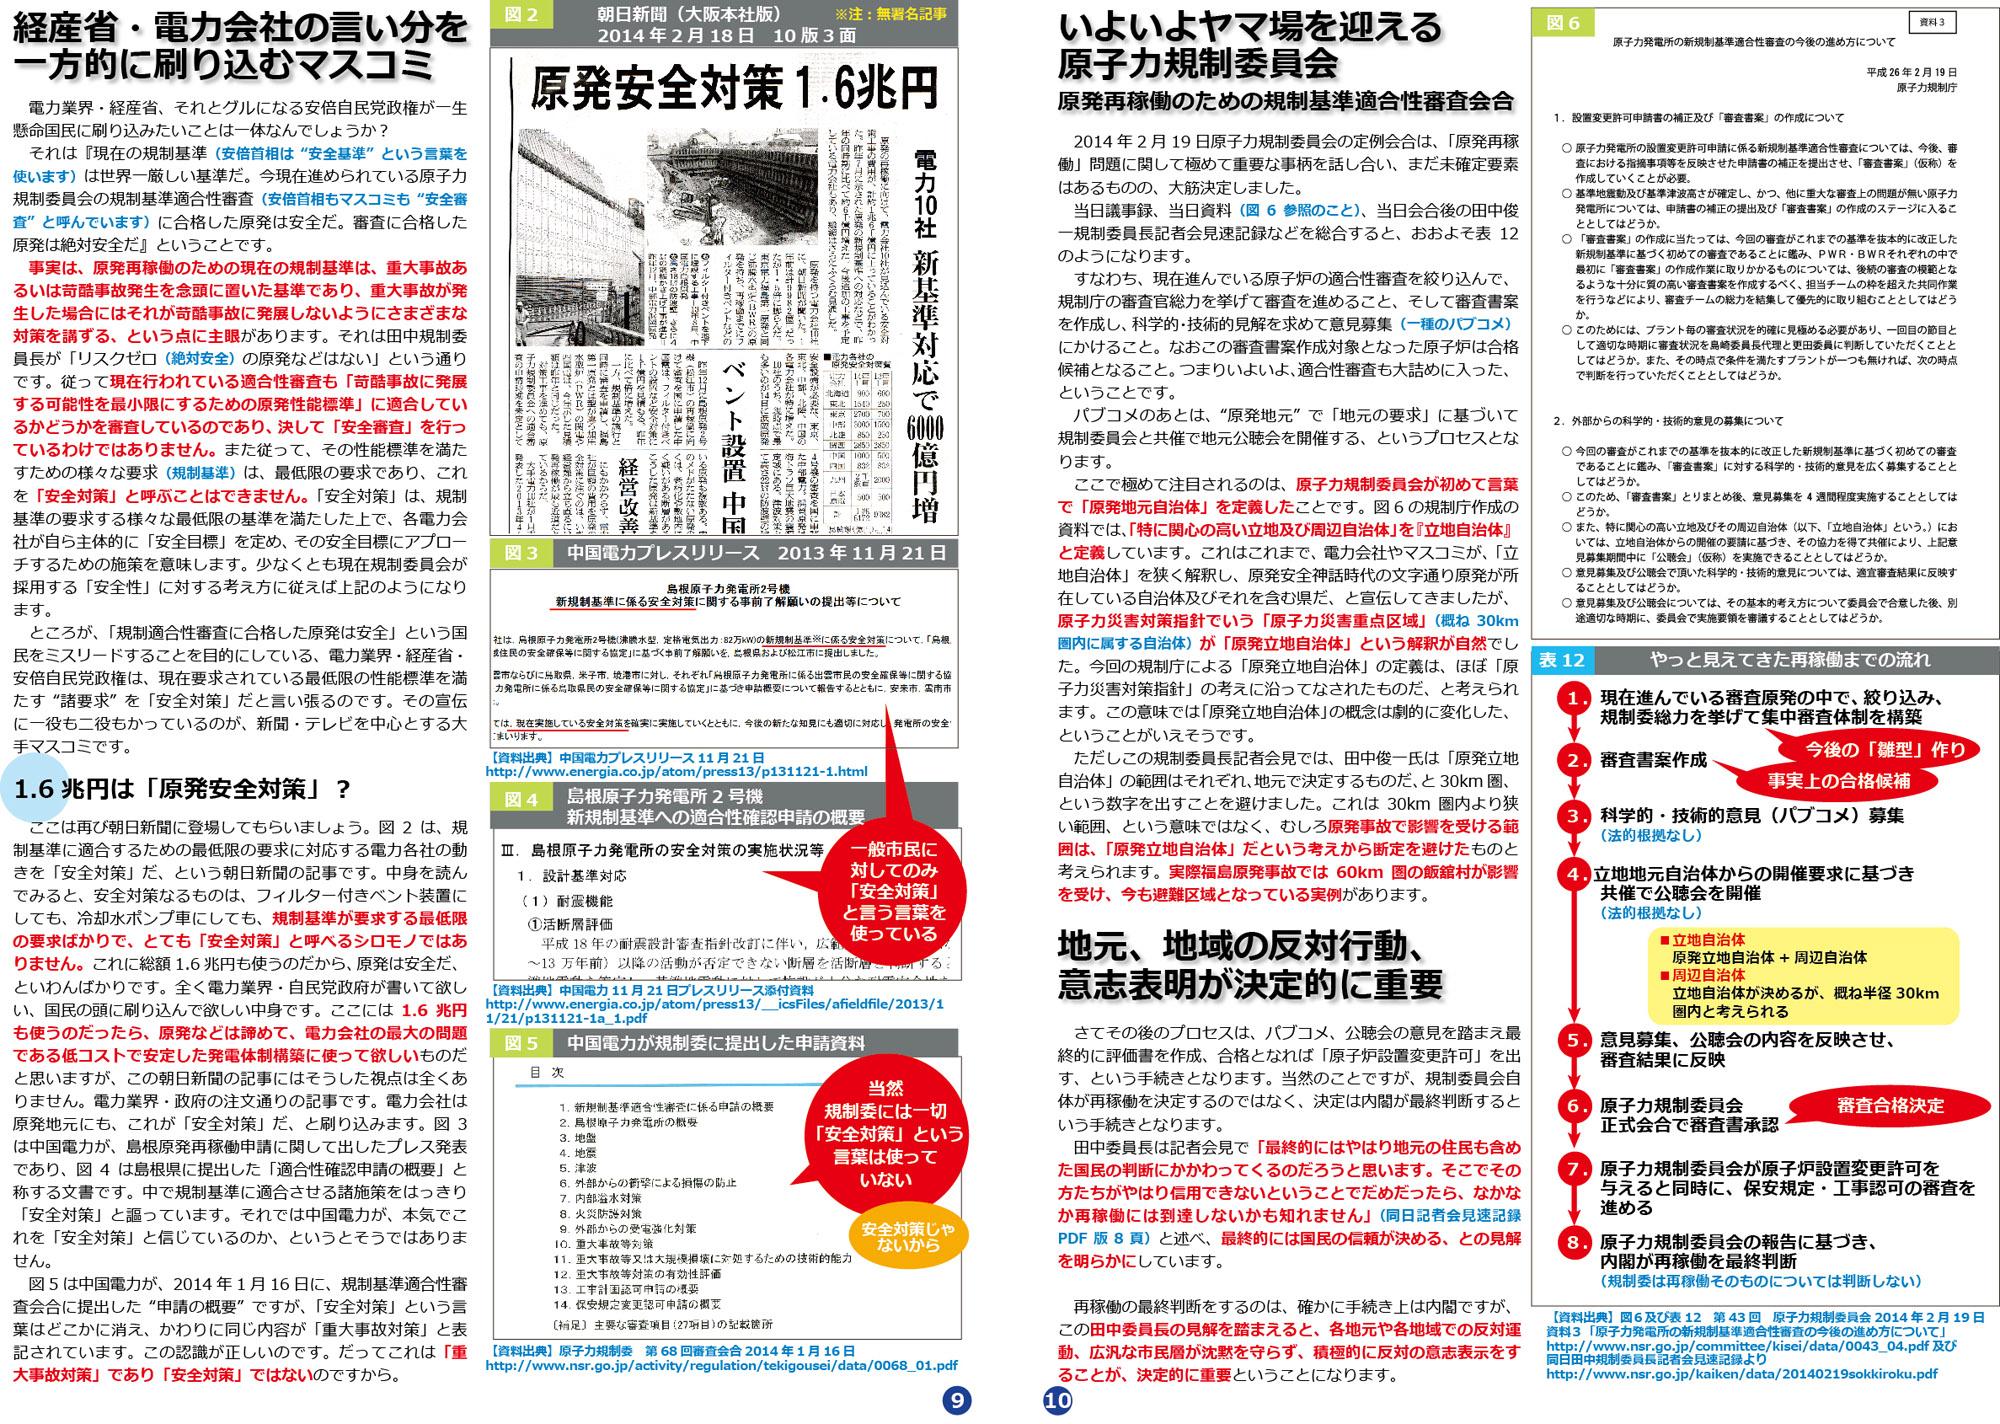 ファイル 266-5.jpg